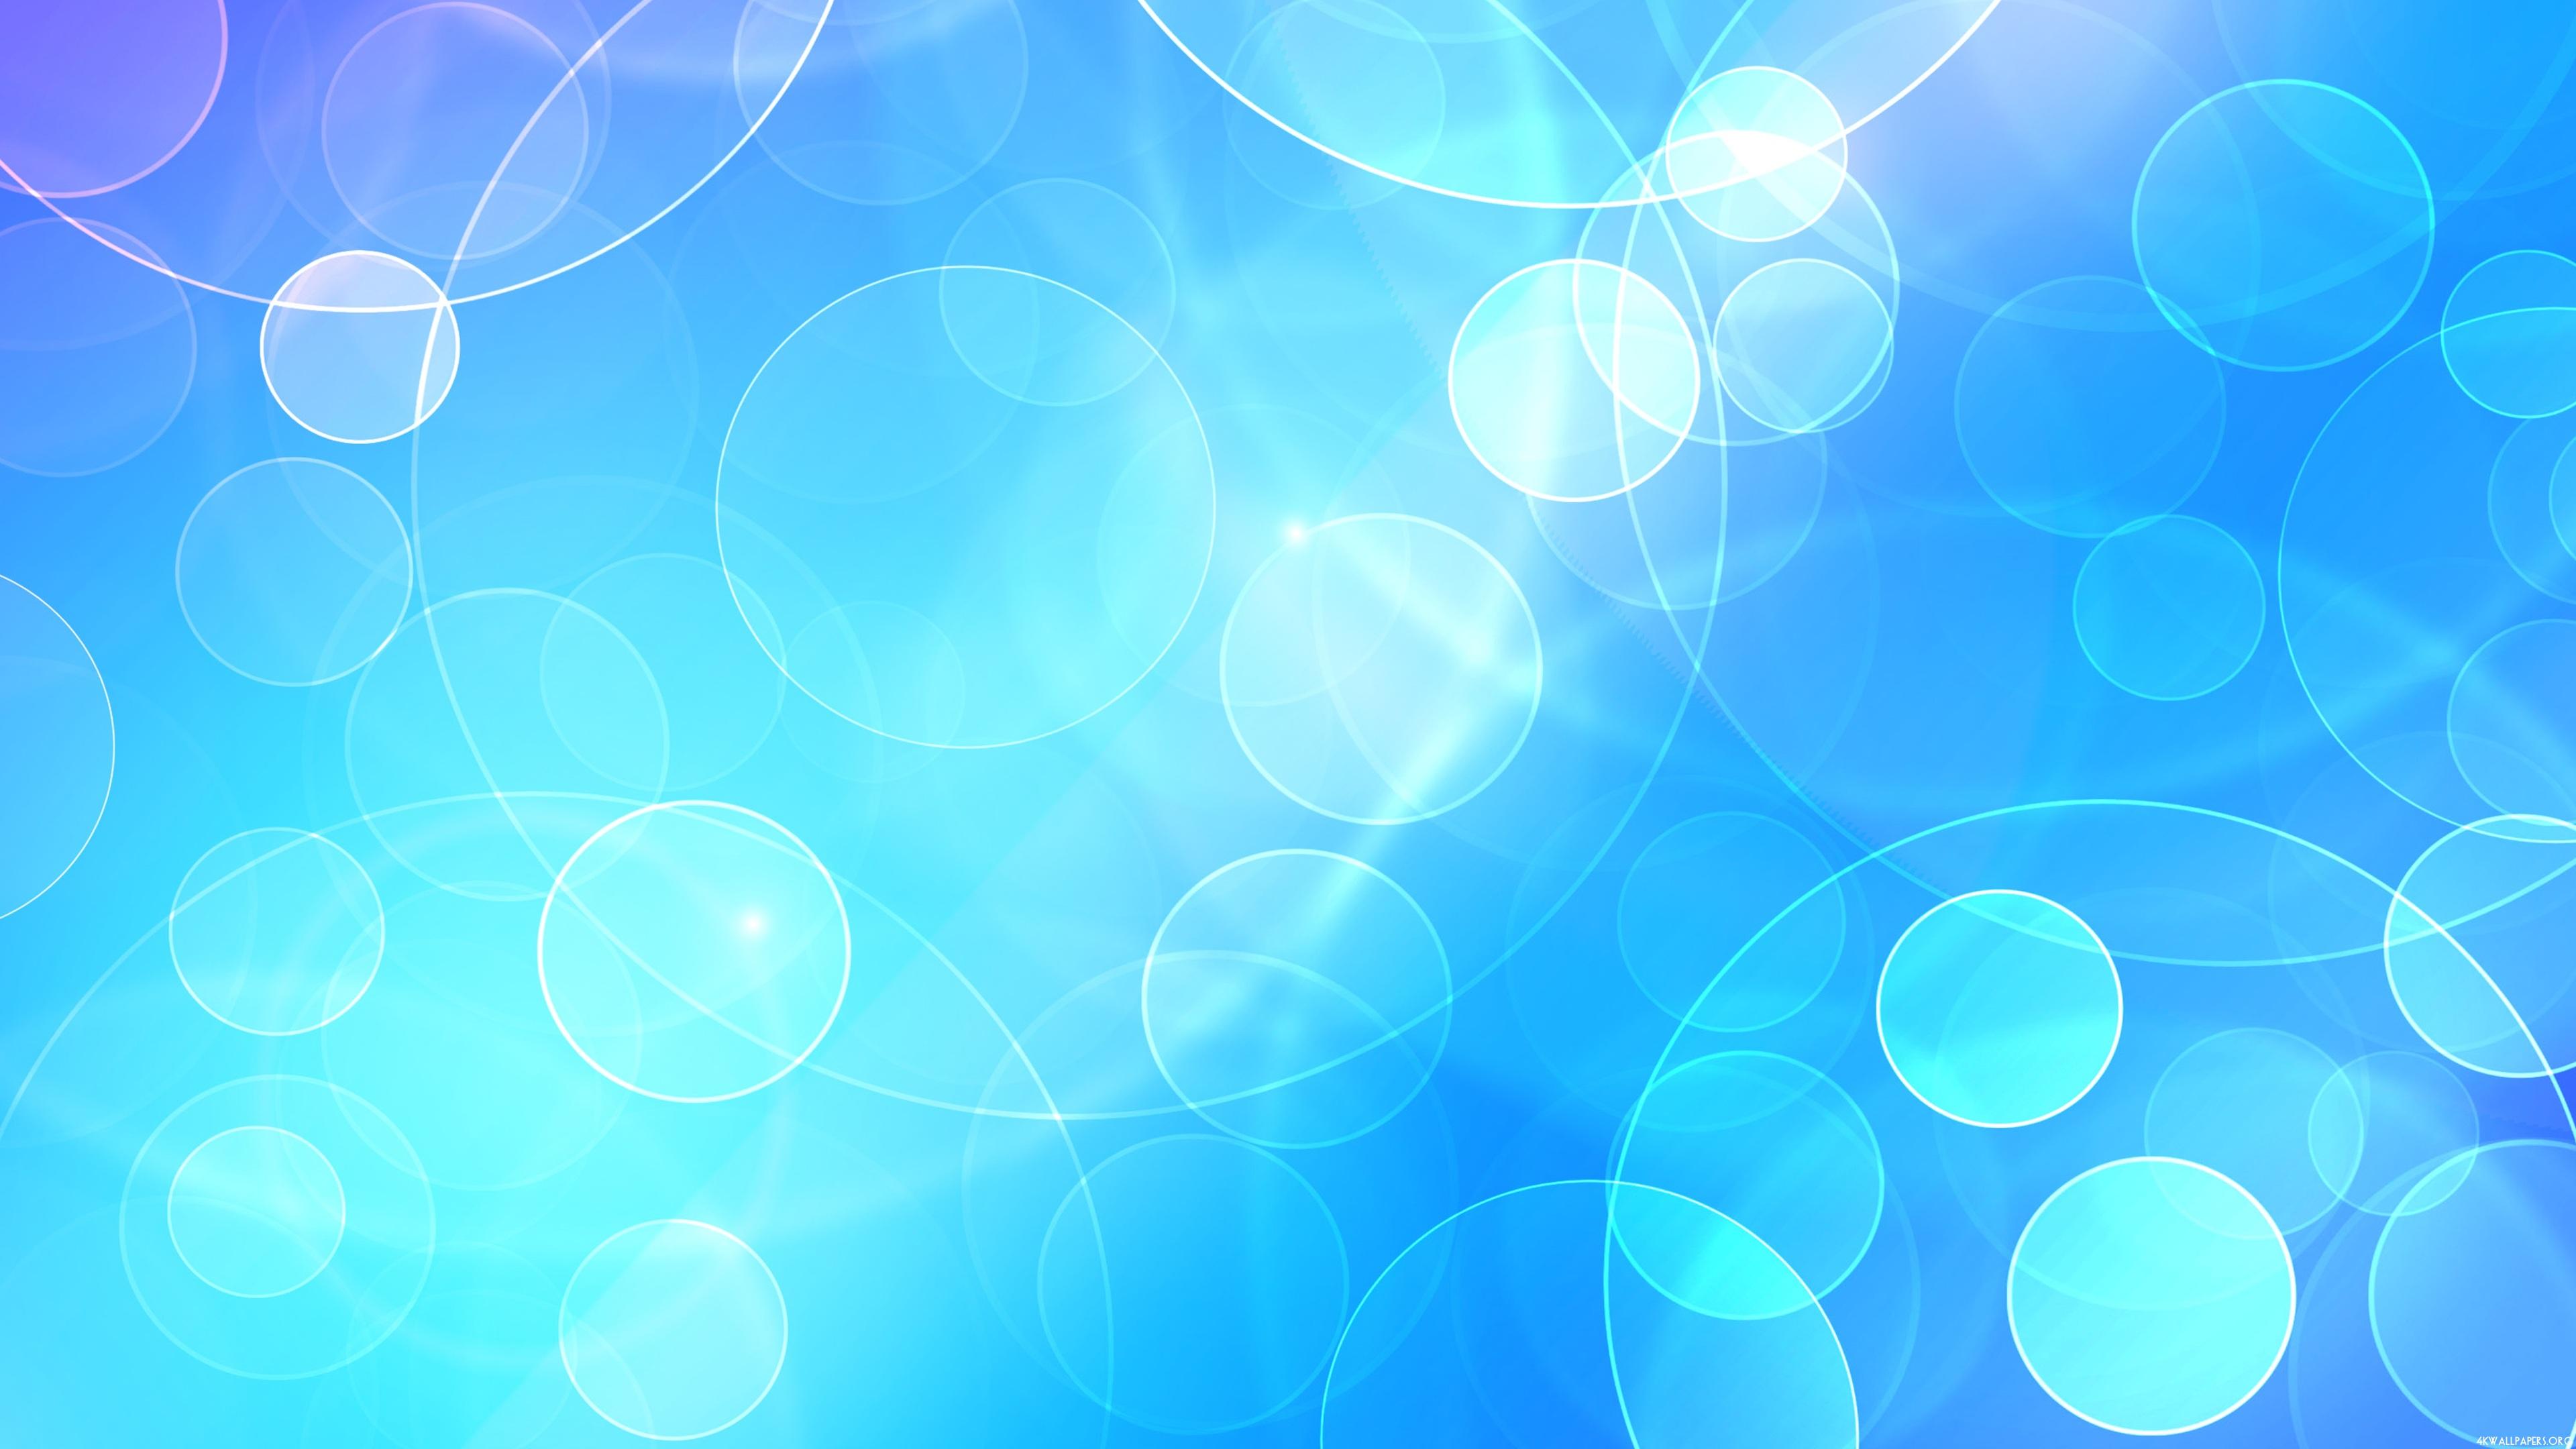 Blue Wallpaper   Best HD Wallpaper 3840x2160